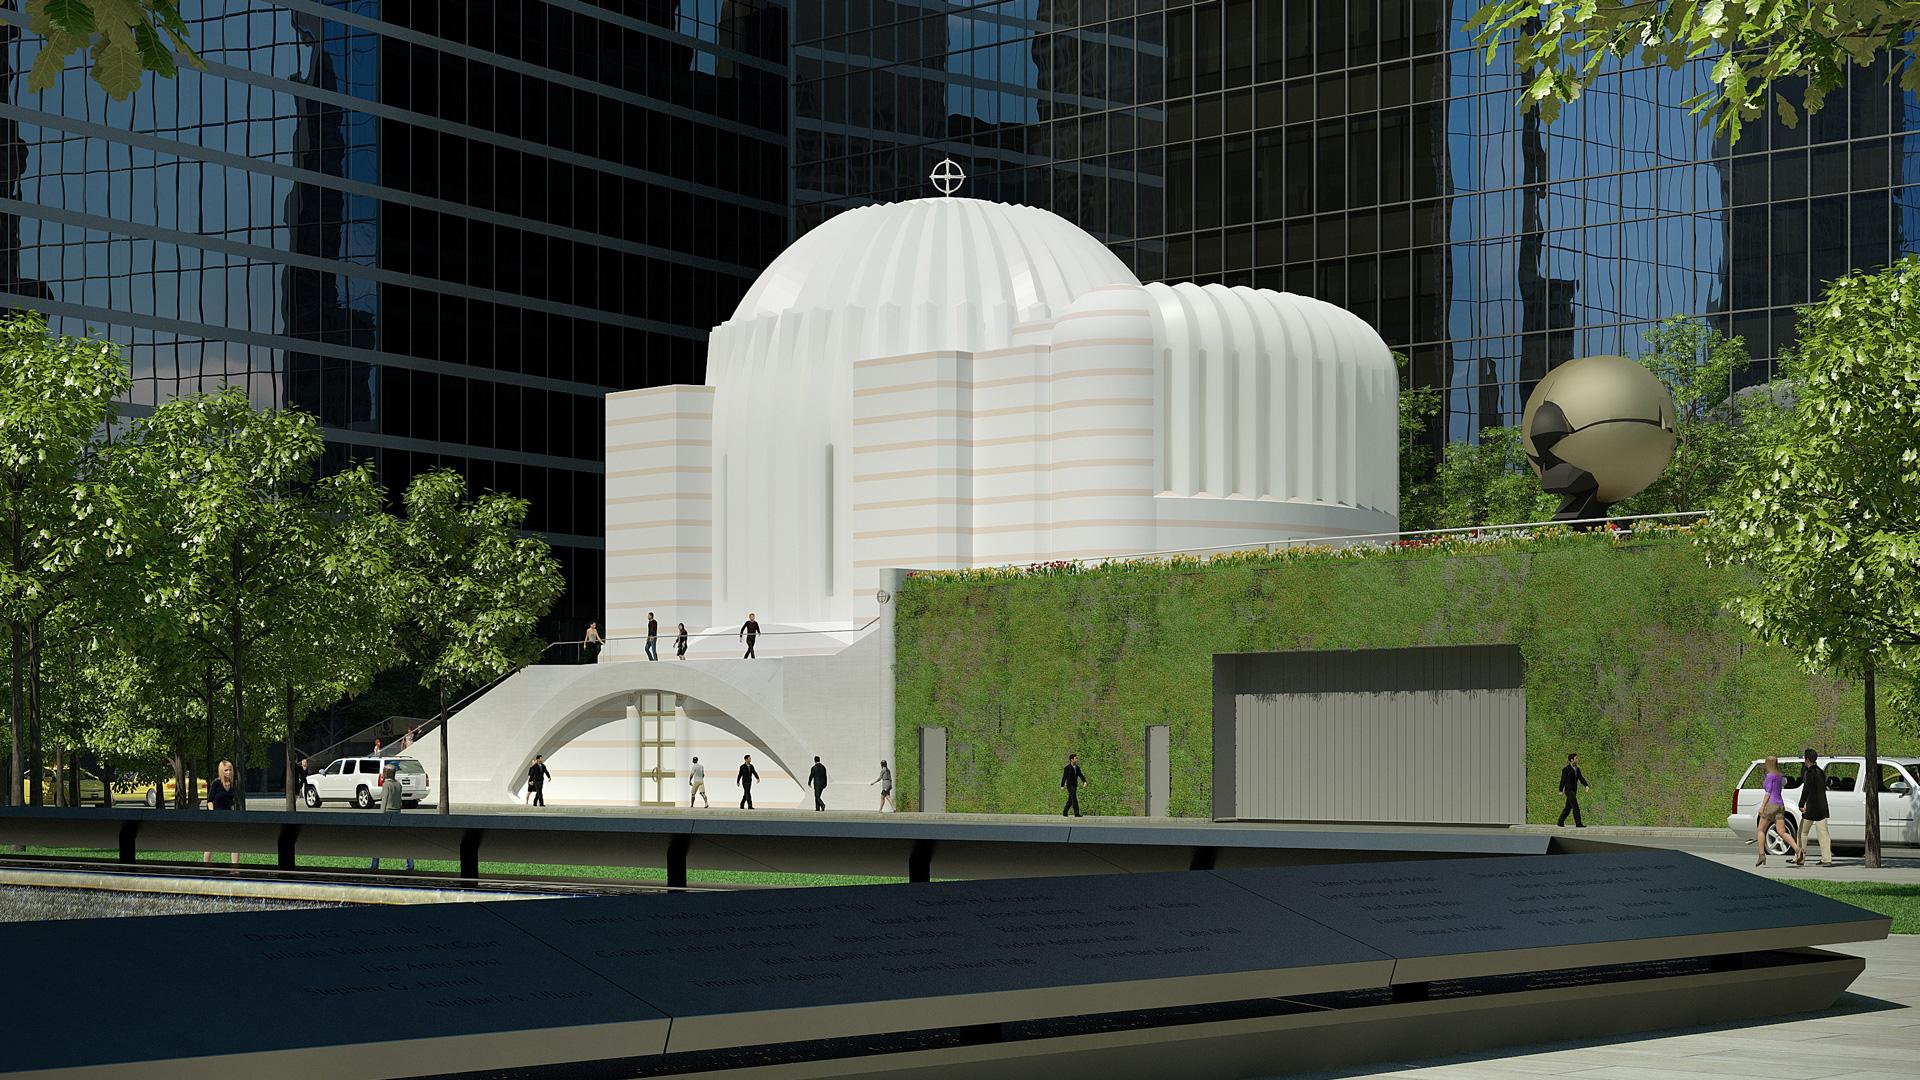 Así quedará la iglesia St. Nicholas frente al One World Trade Center